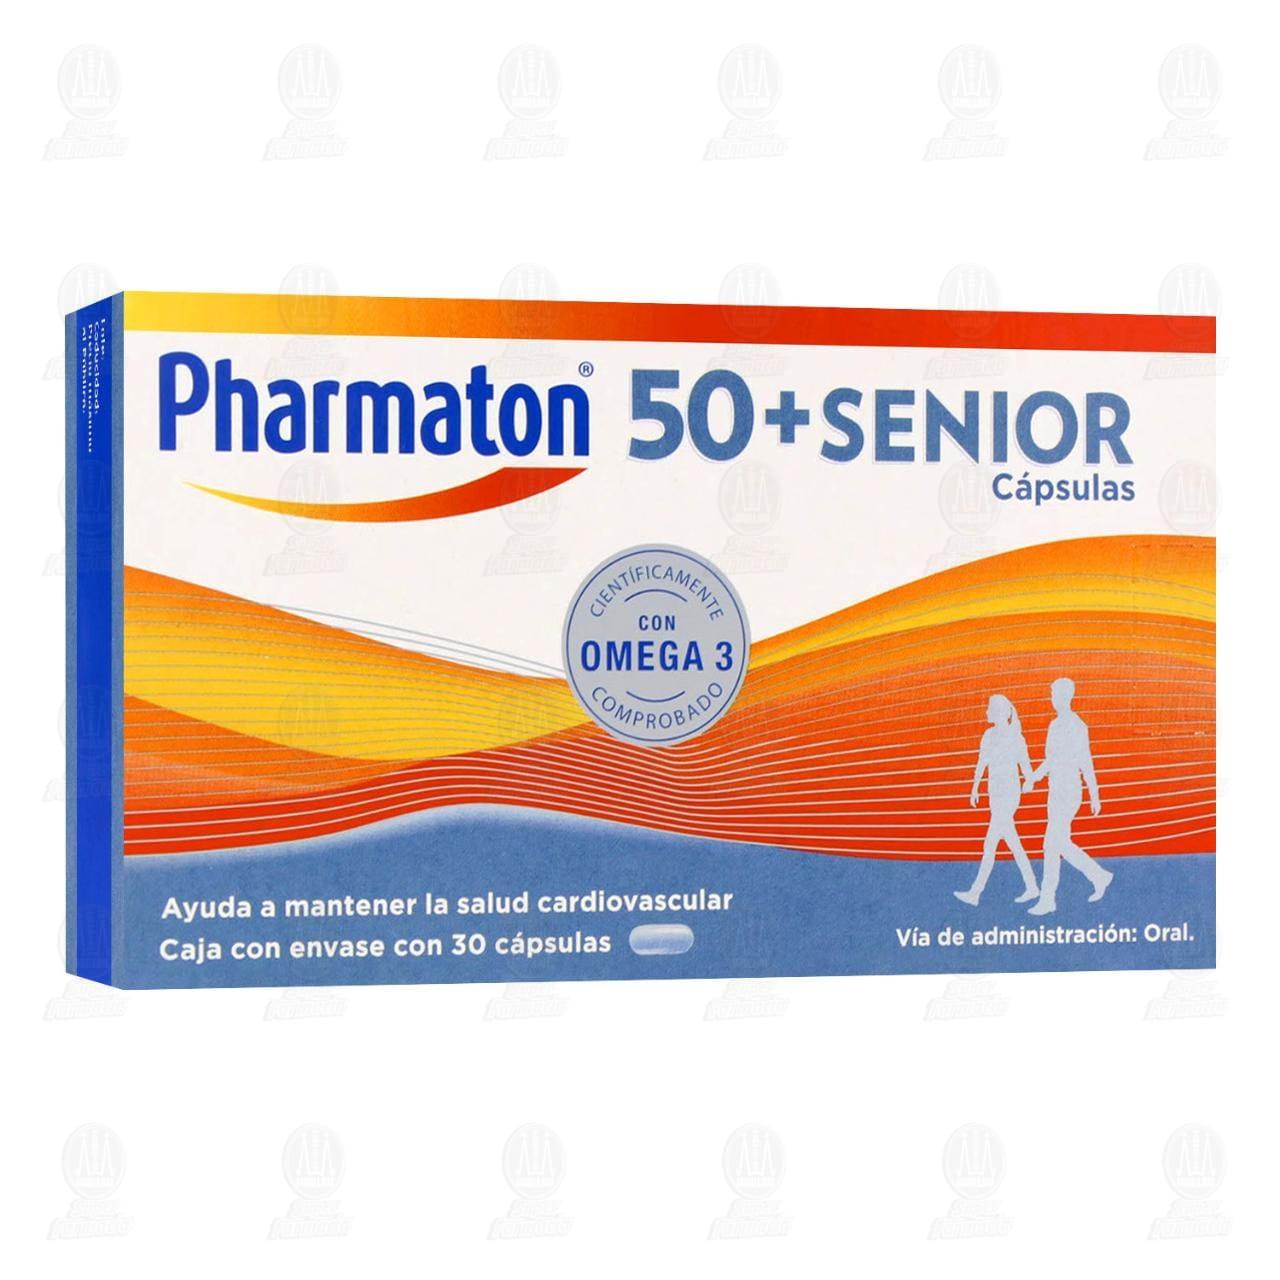 Comprar Pharmaton 50+Senior Vitaminas 250mg 30 Cápsulas en Farmacias Guadalajara